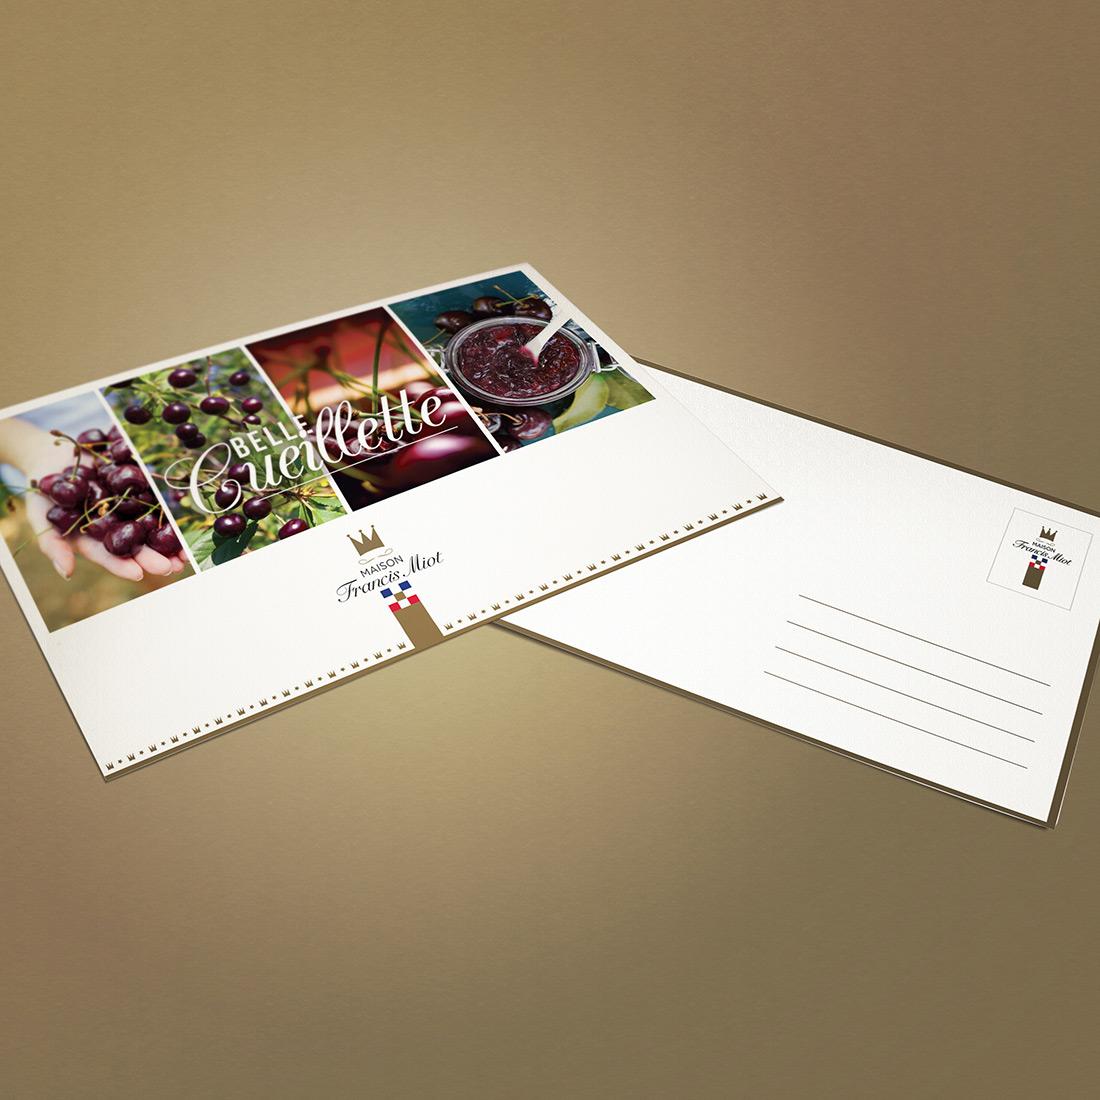 Françis Miot, maître artisan confiturier, confiseur. Print : plaquette, cartes de visite, affichage, flyers.